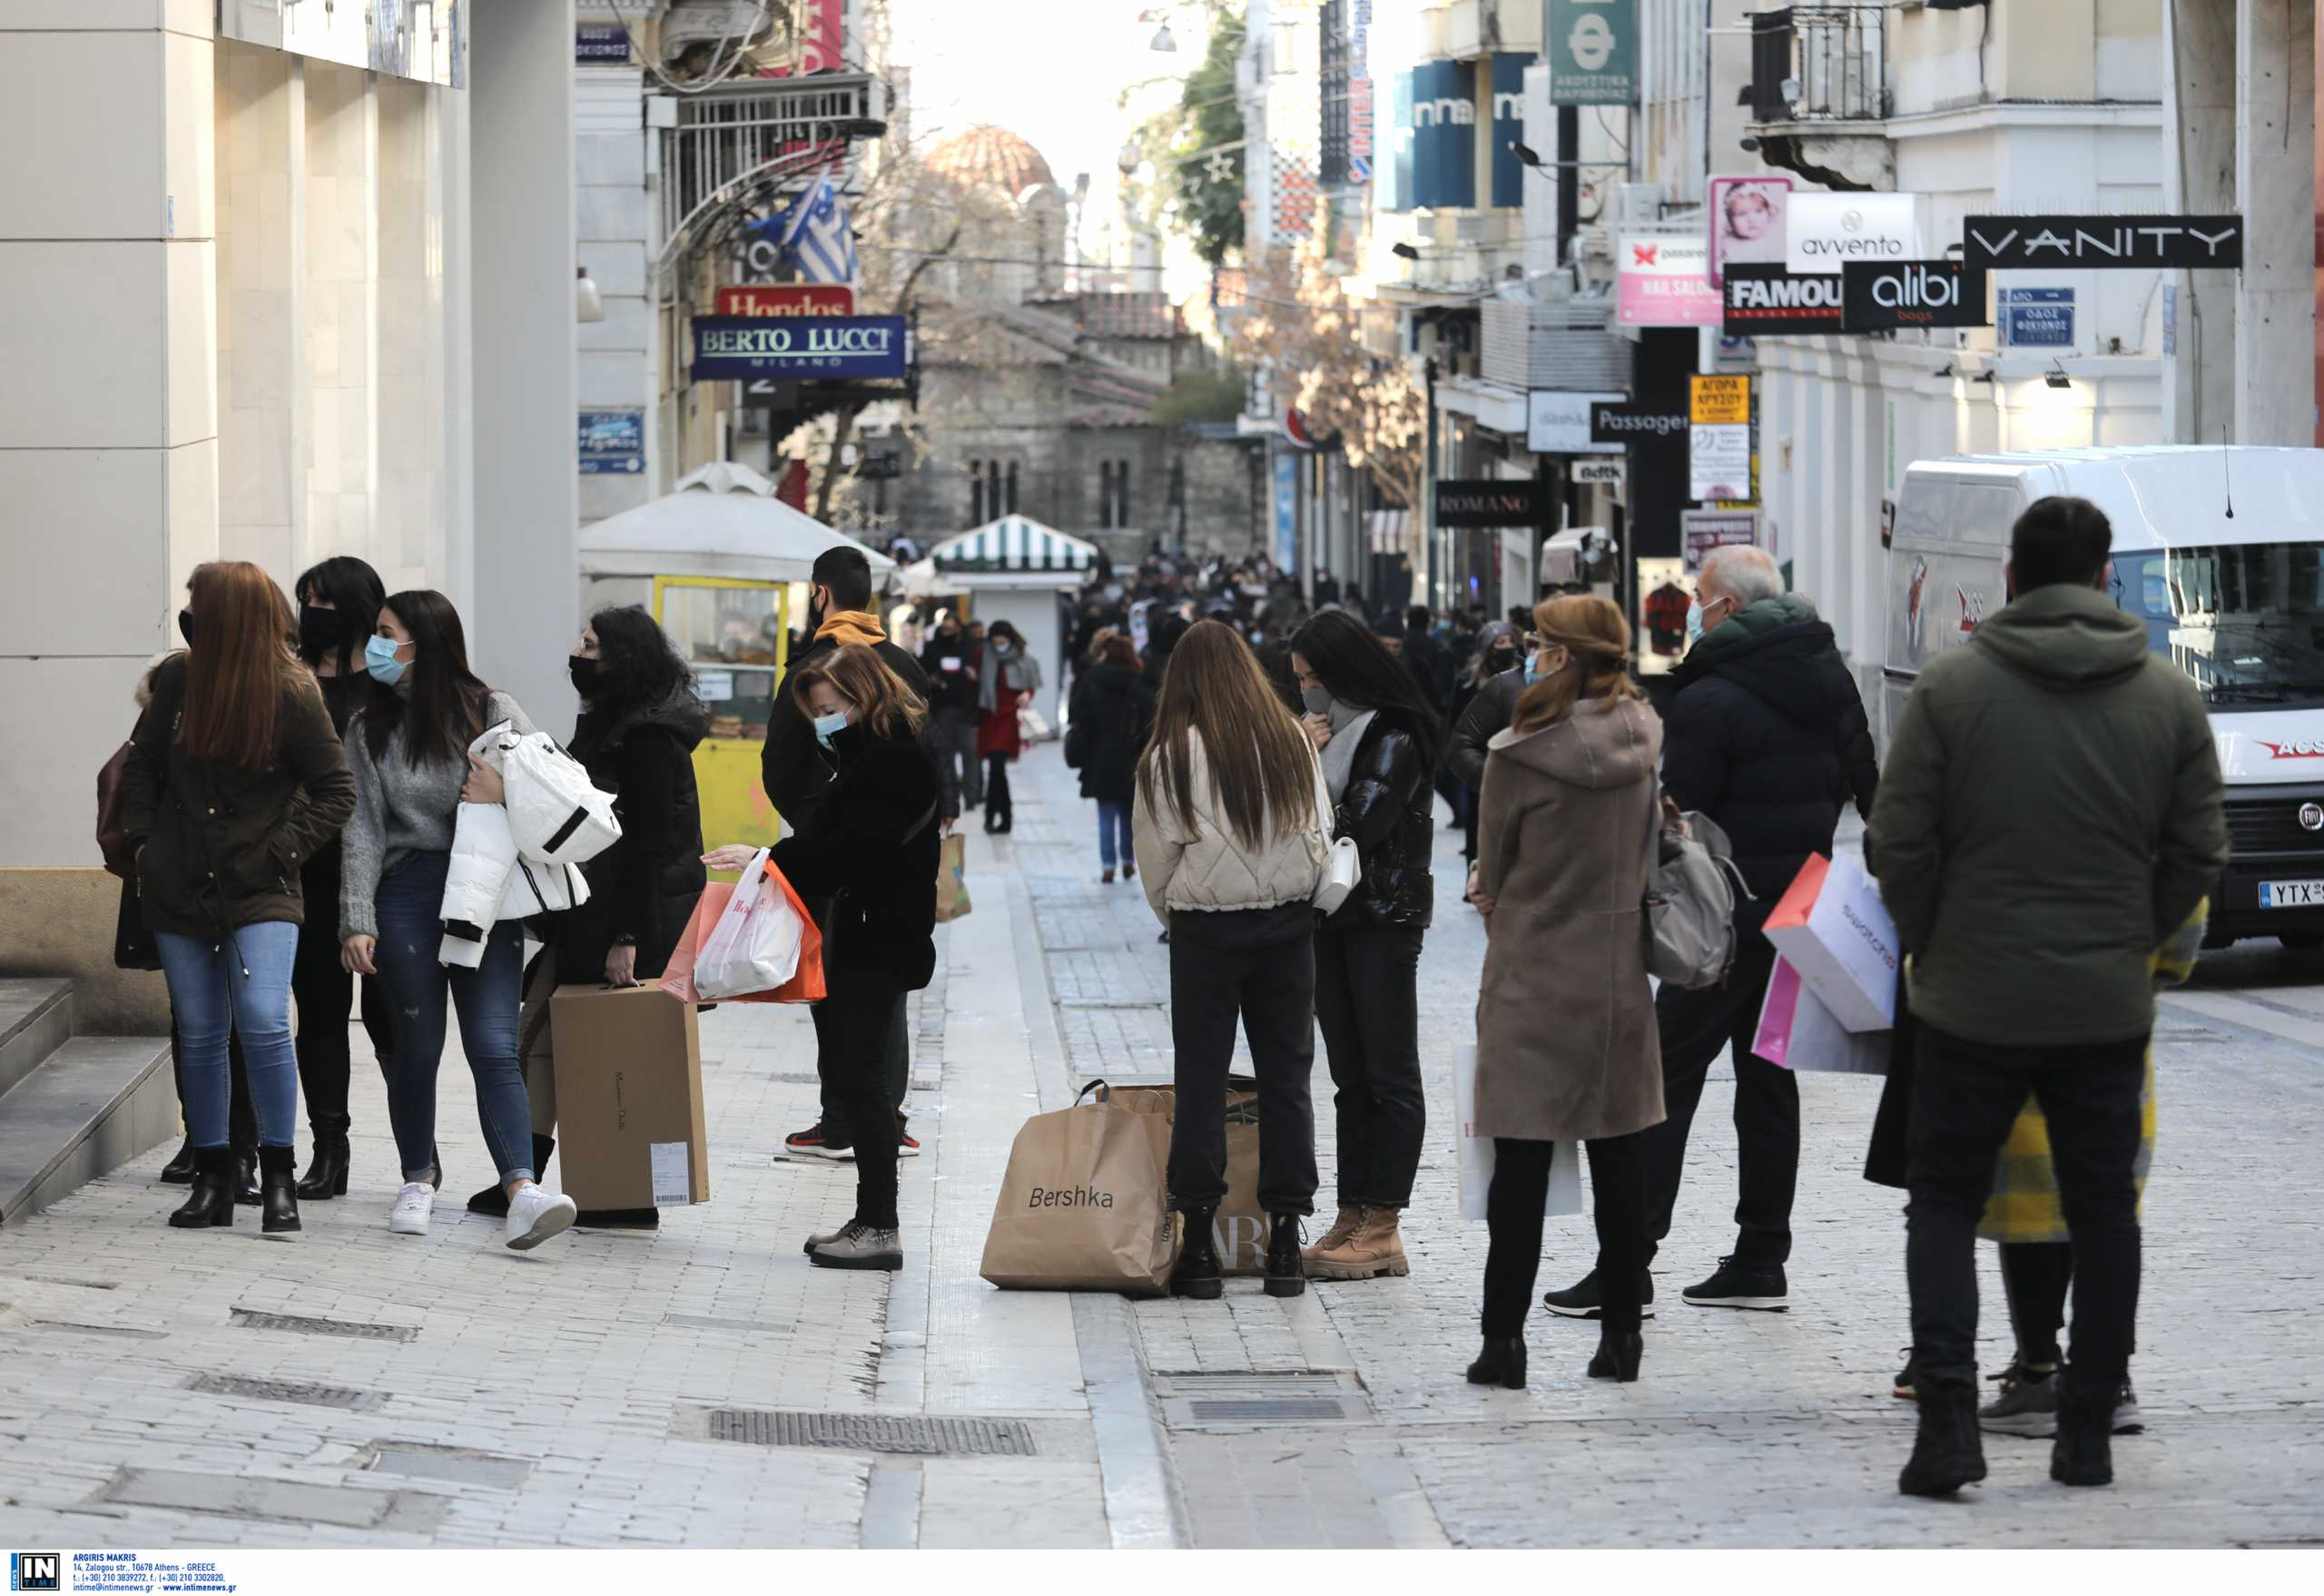 Σαρηγιάννης: Αύξηση κρουσμάτων στην Αττική μέχρι τις 5 Φεβρουαρίου